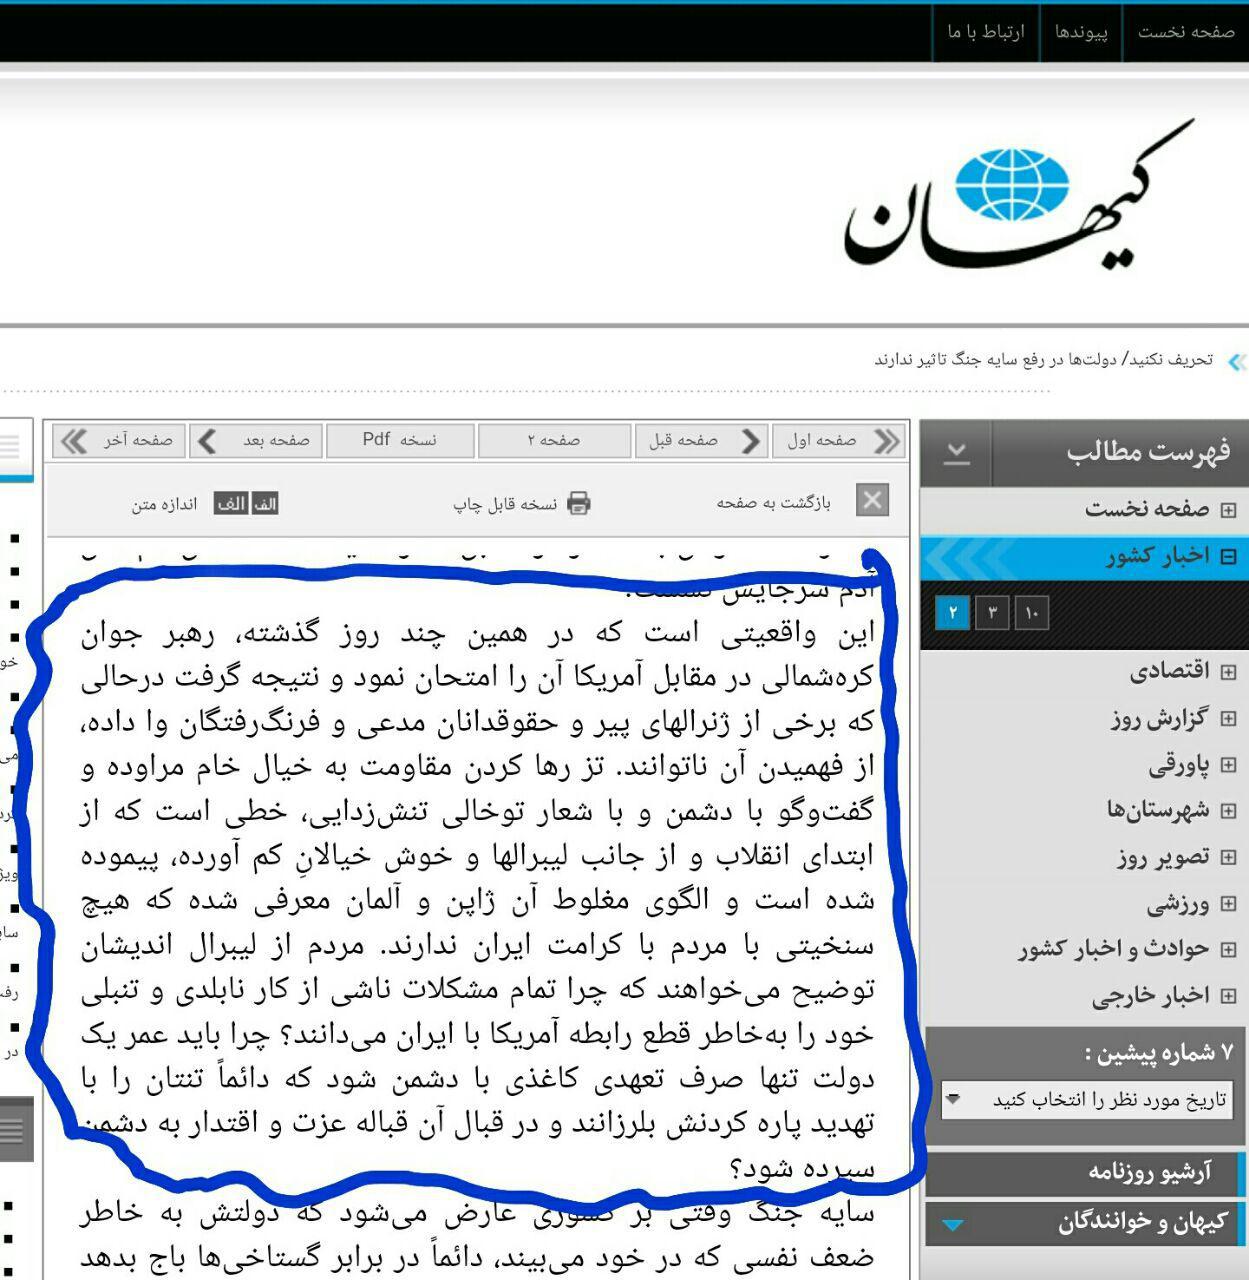 روزنامه کیهان در آرزوی رییس جمهوری مثل رهبر کره شمالی